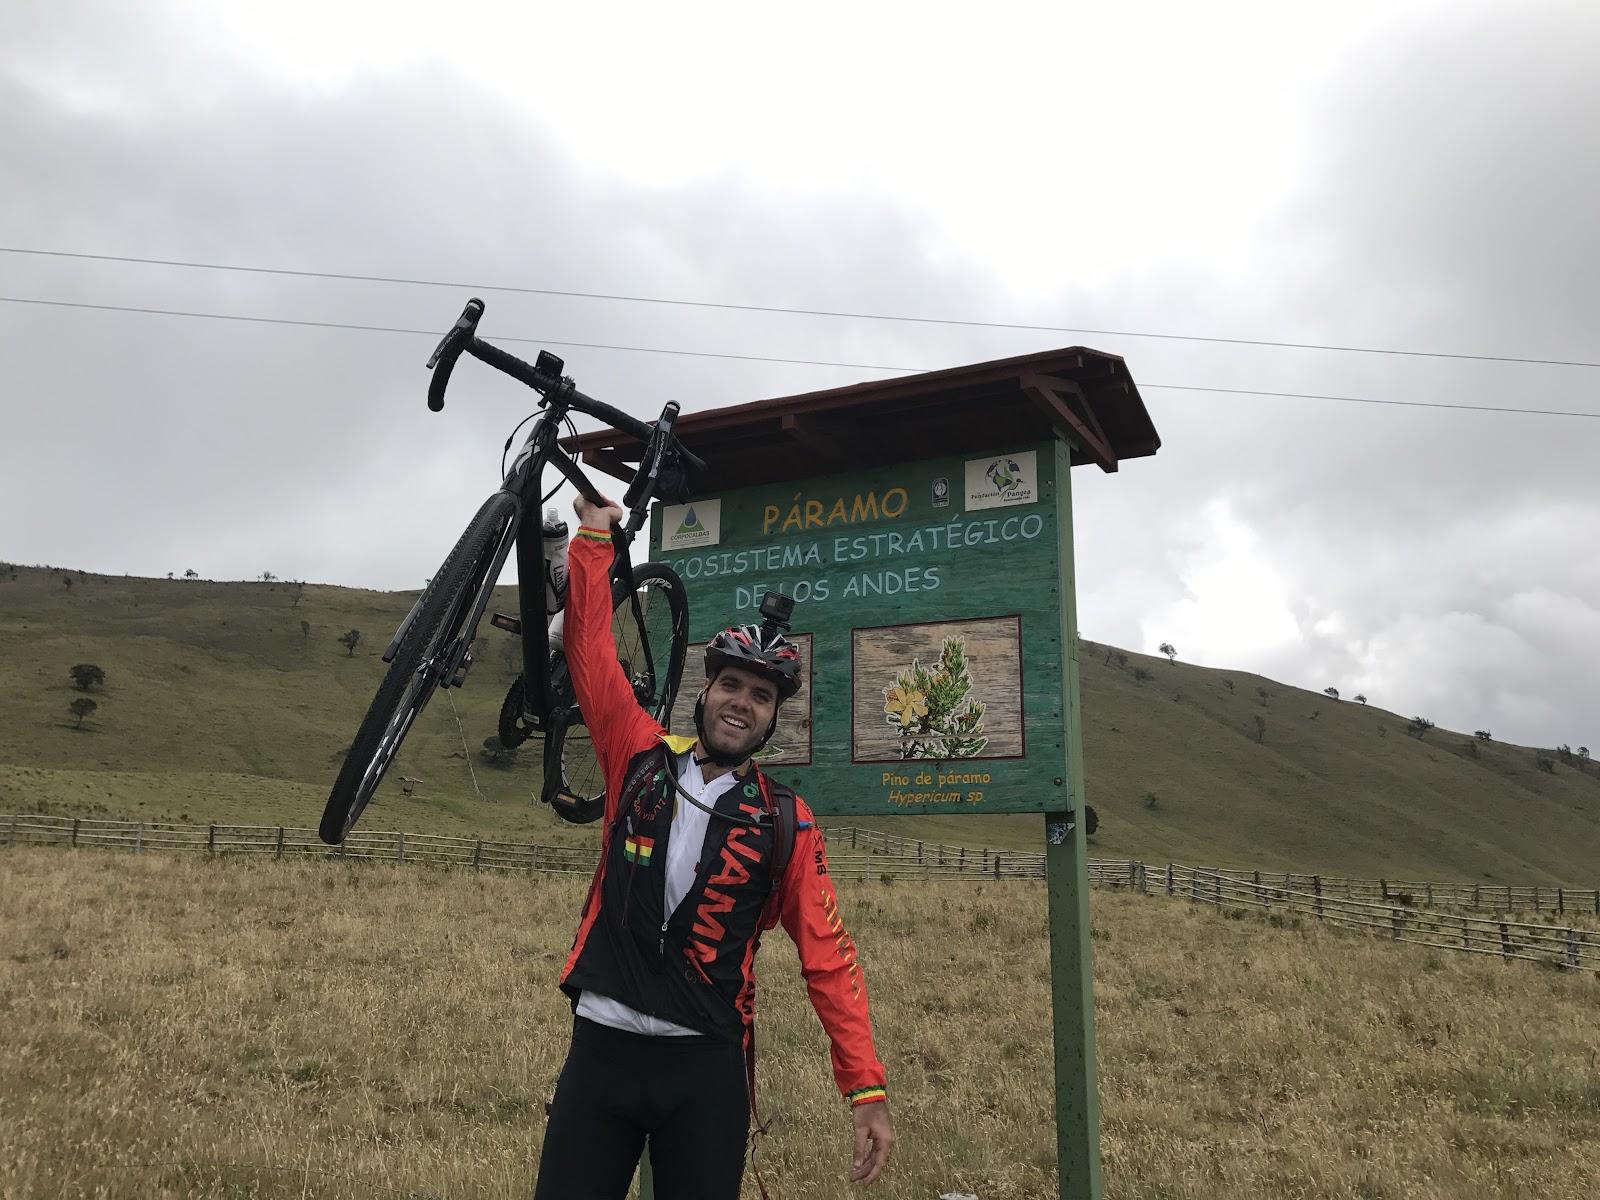 Finish of Alto de Letras road bike climb